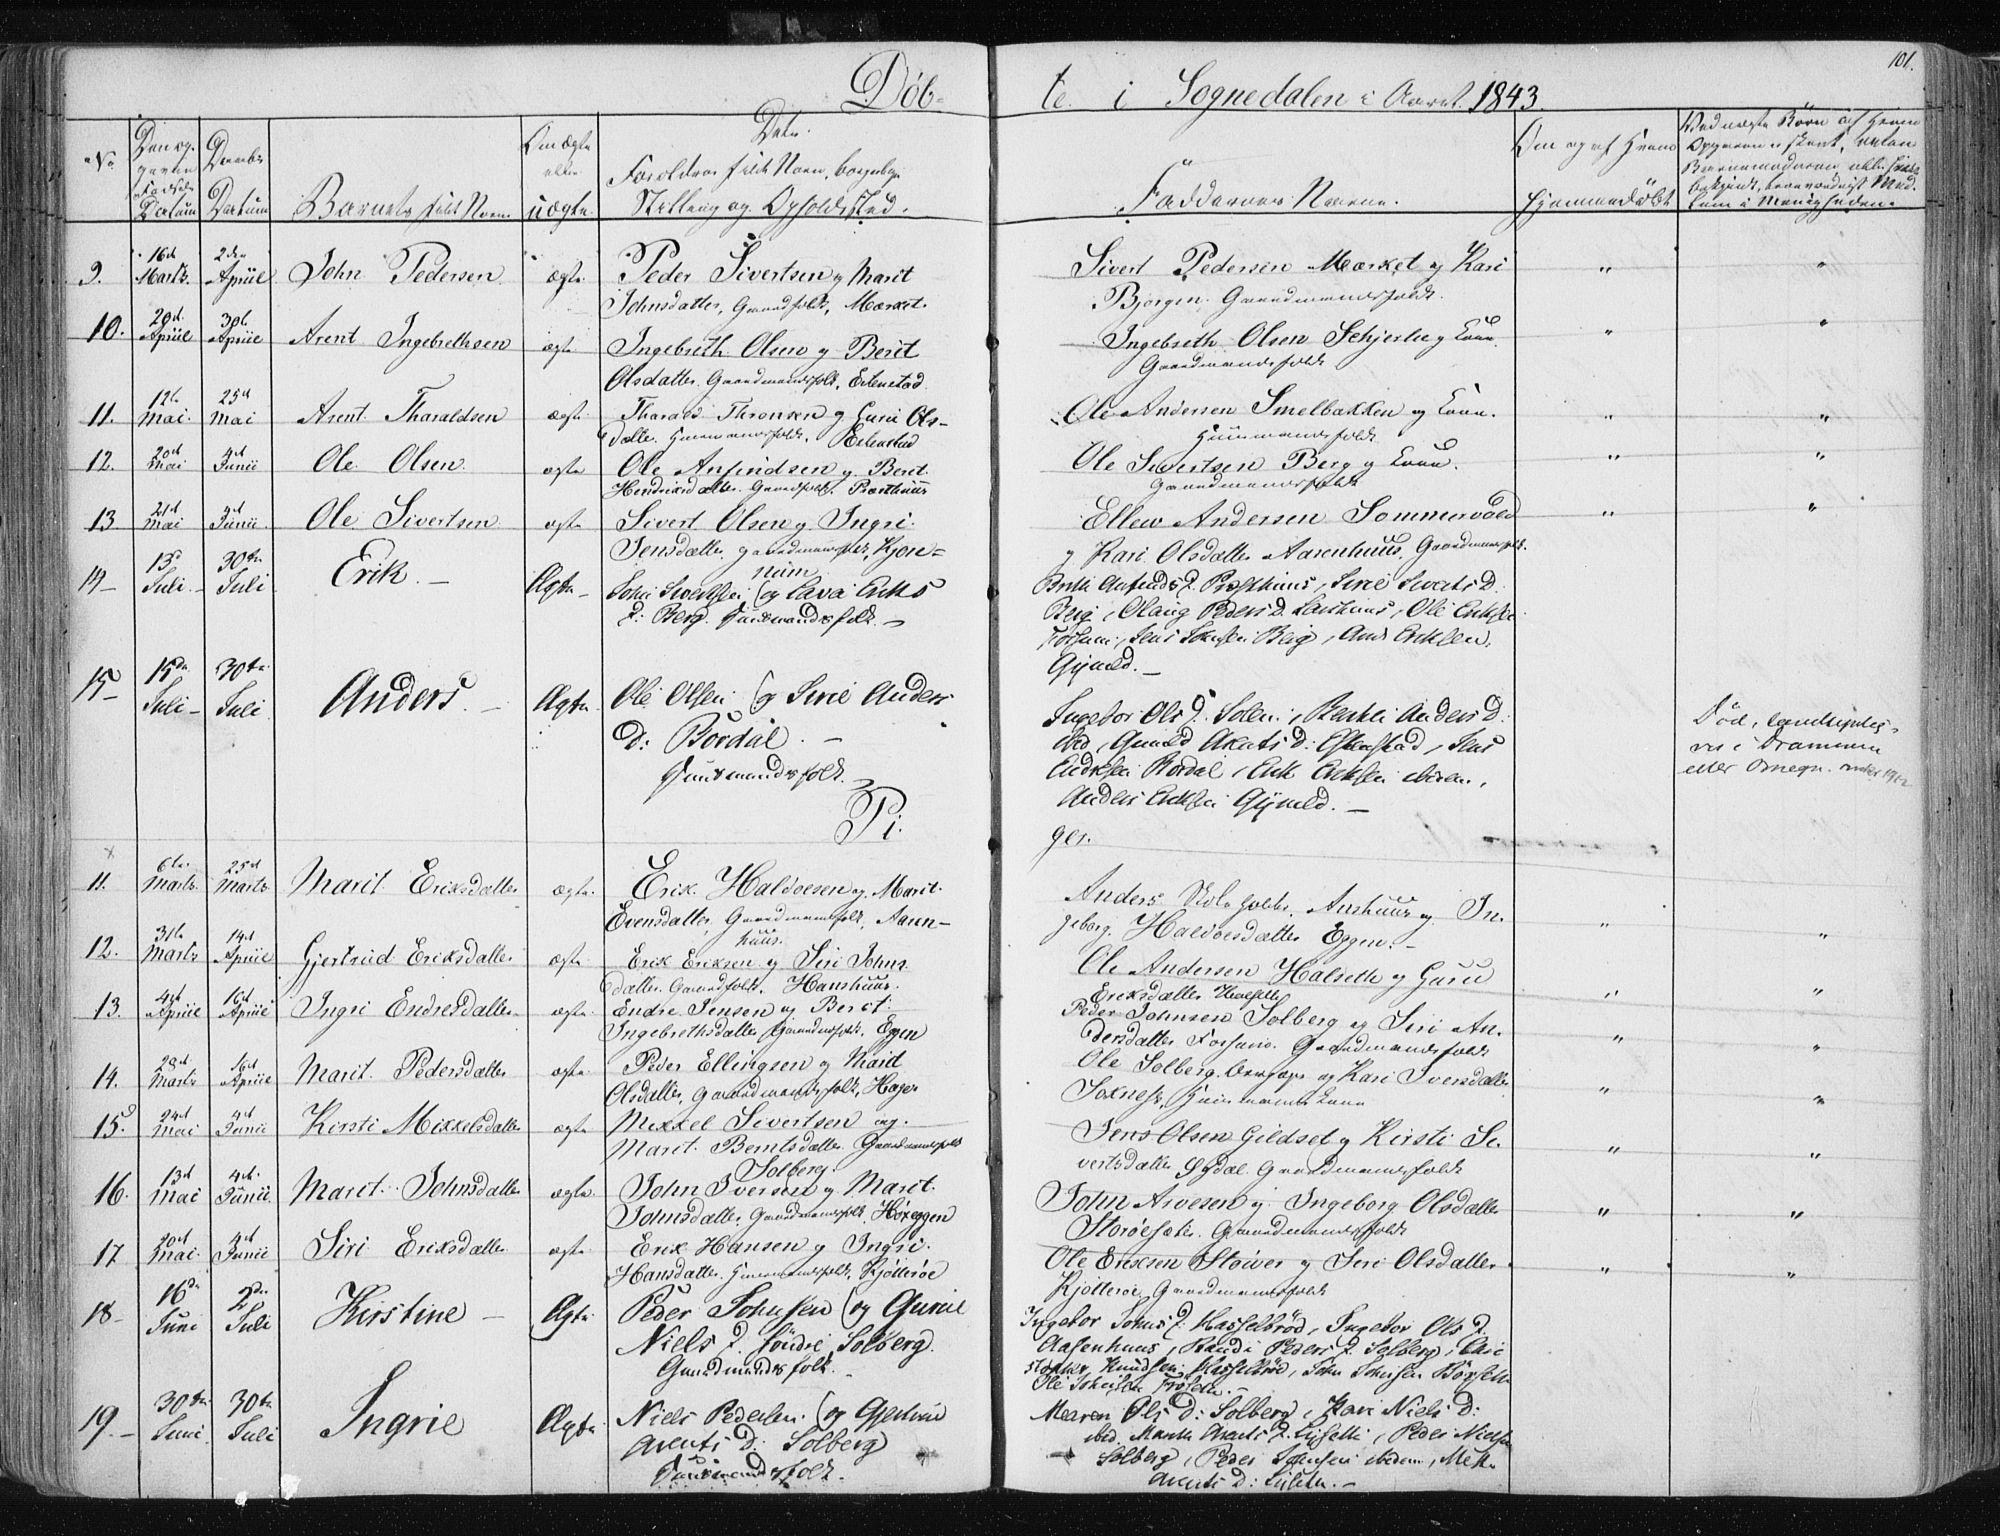 SAT, Ministerialprotokoller, klokkerbøker og fødselsregistre - Sør-Trøndelag, 687/L0999: Ministerialbok nr. 687A05 /3, 1843-1848, s. 101